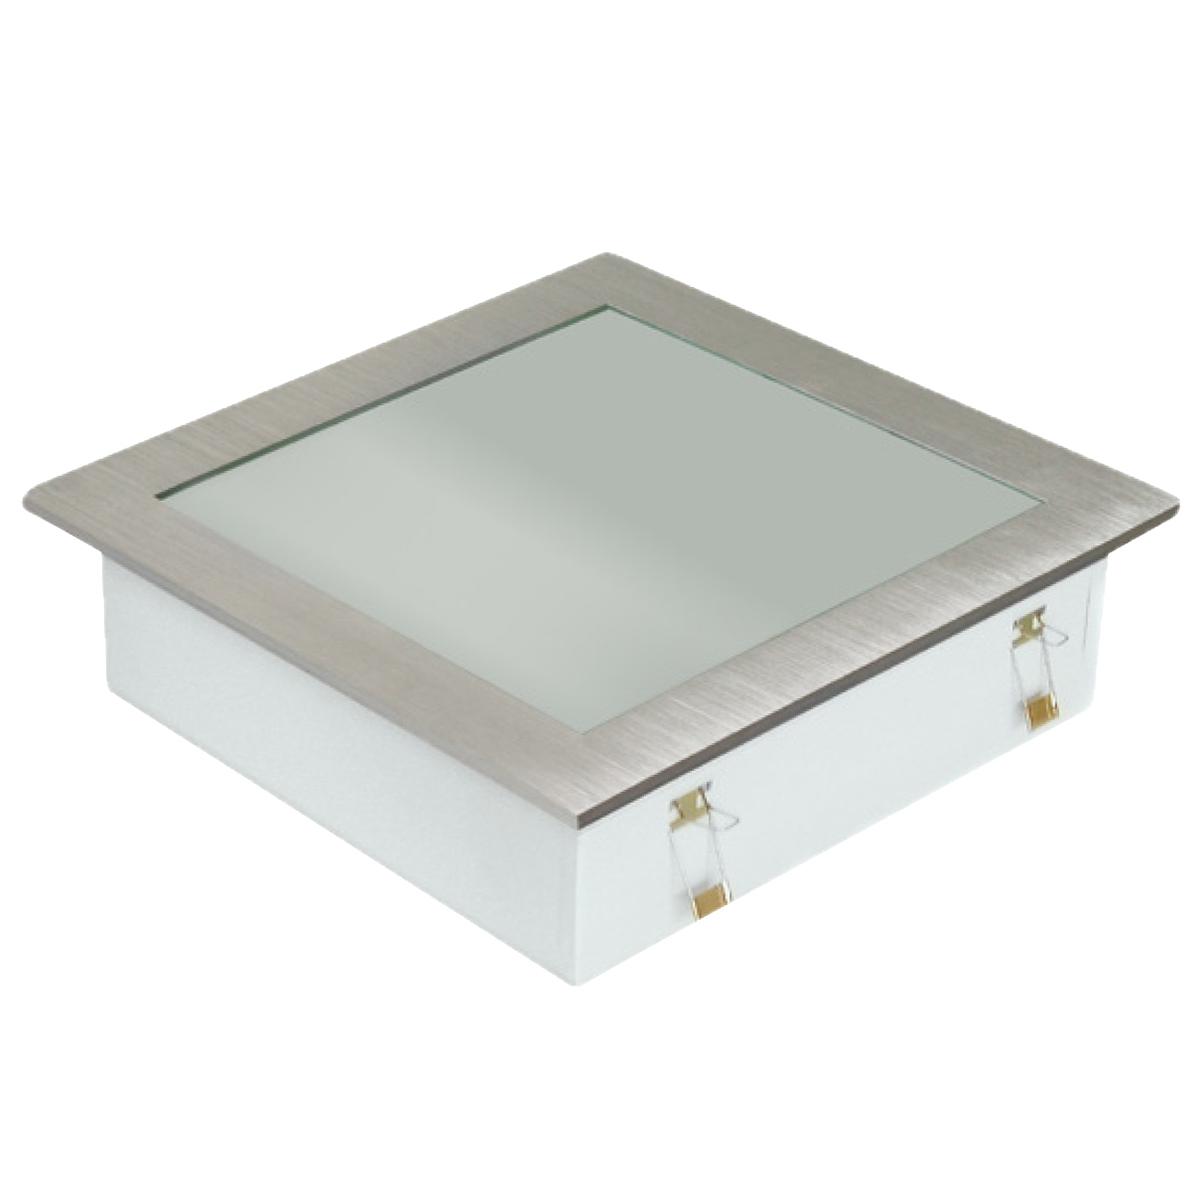 Plafon Space Emb. Quad. 30cm Alum. Vidro Fosco E-27 3 Lamp. Max 60w Escovado